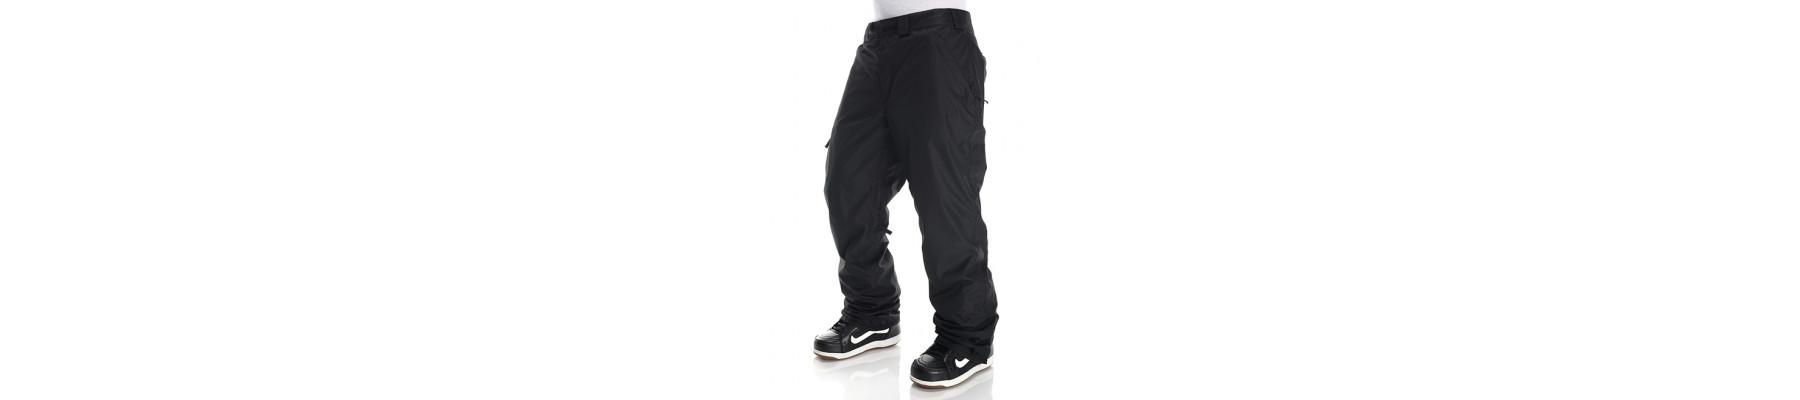 686 Authentic Standard Pant Black 5K/5K/-7'C